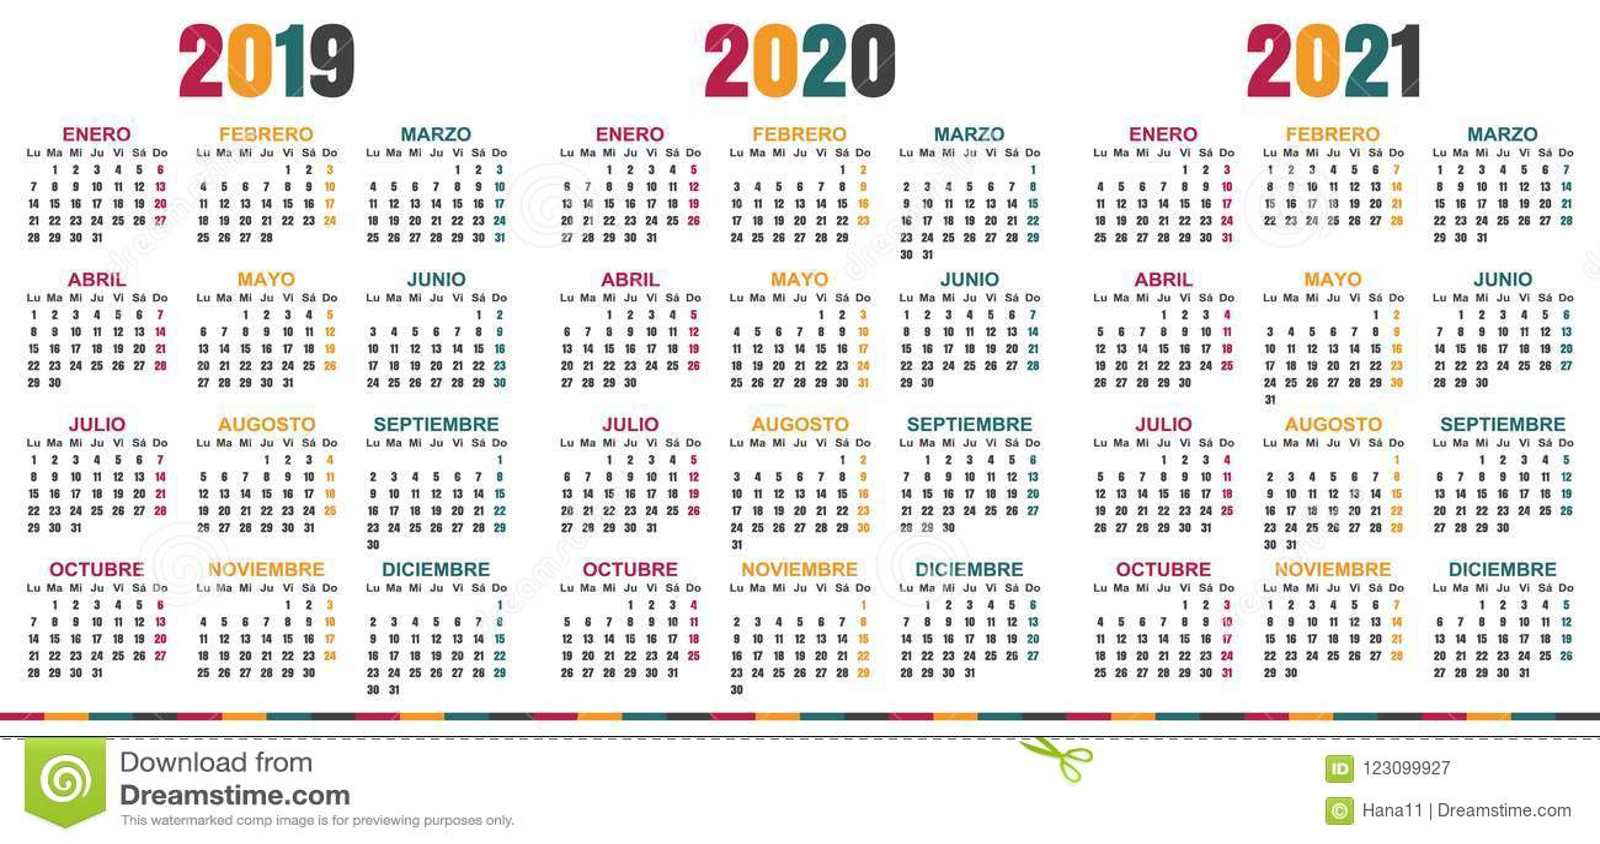 Calendario Spagnolo.Calendario Spagnolo 2019 2021 Illustrazione Vettoriale